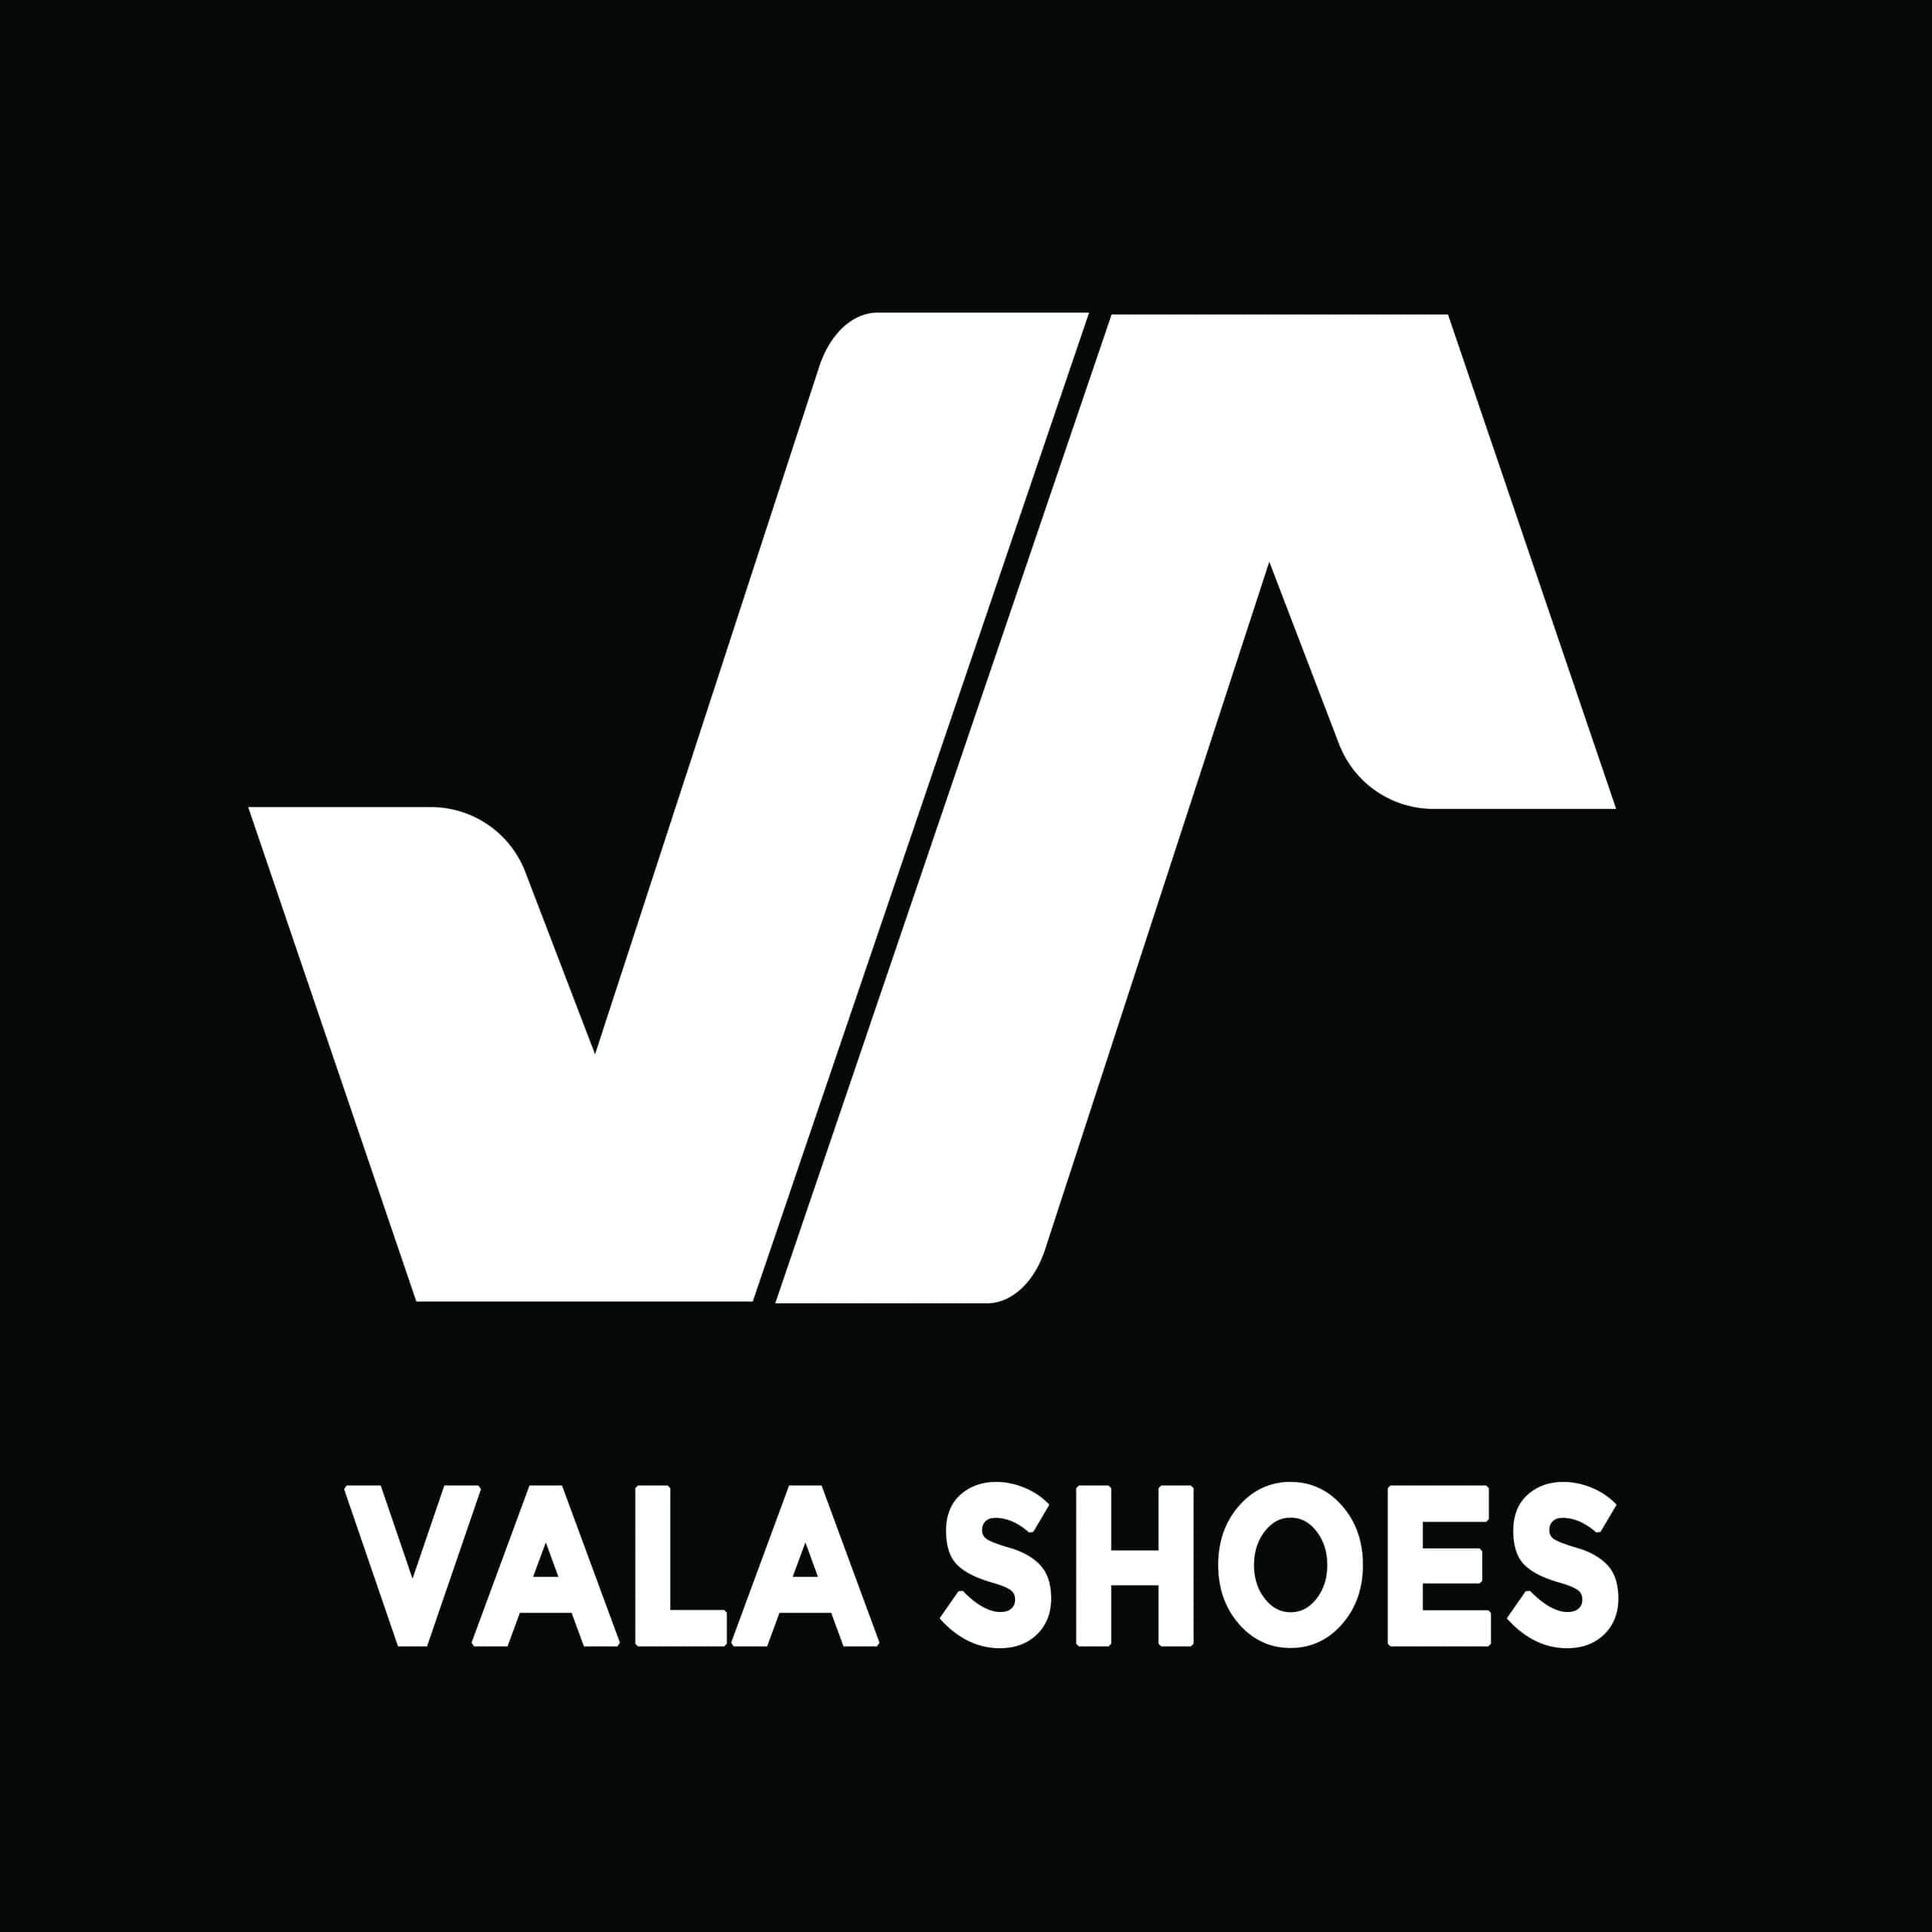 فروشگاه کفش والا - خرید کفش مردانه ، خرید کفش زنانه و انواع کفش طبی در رشت